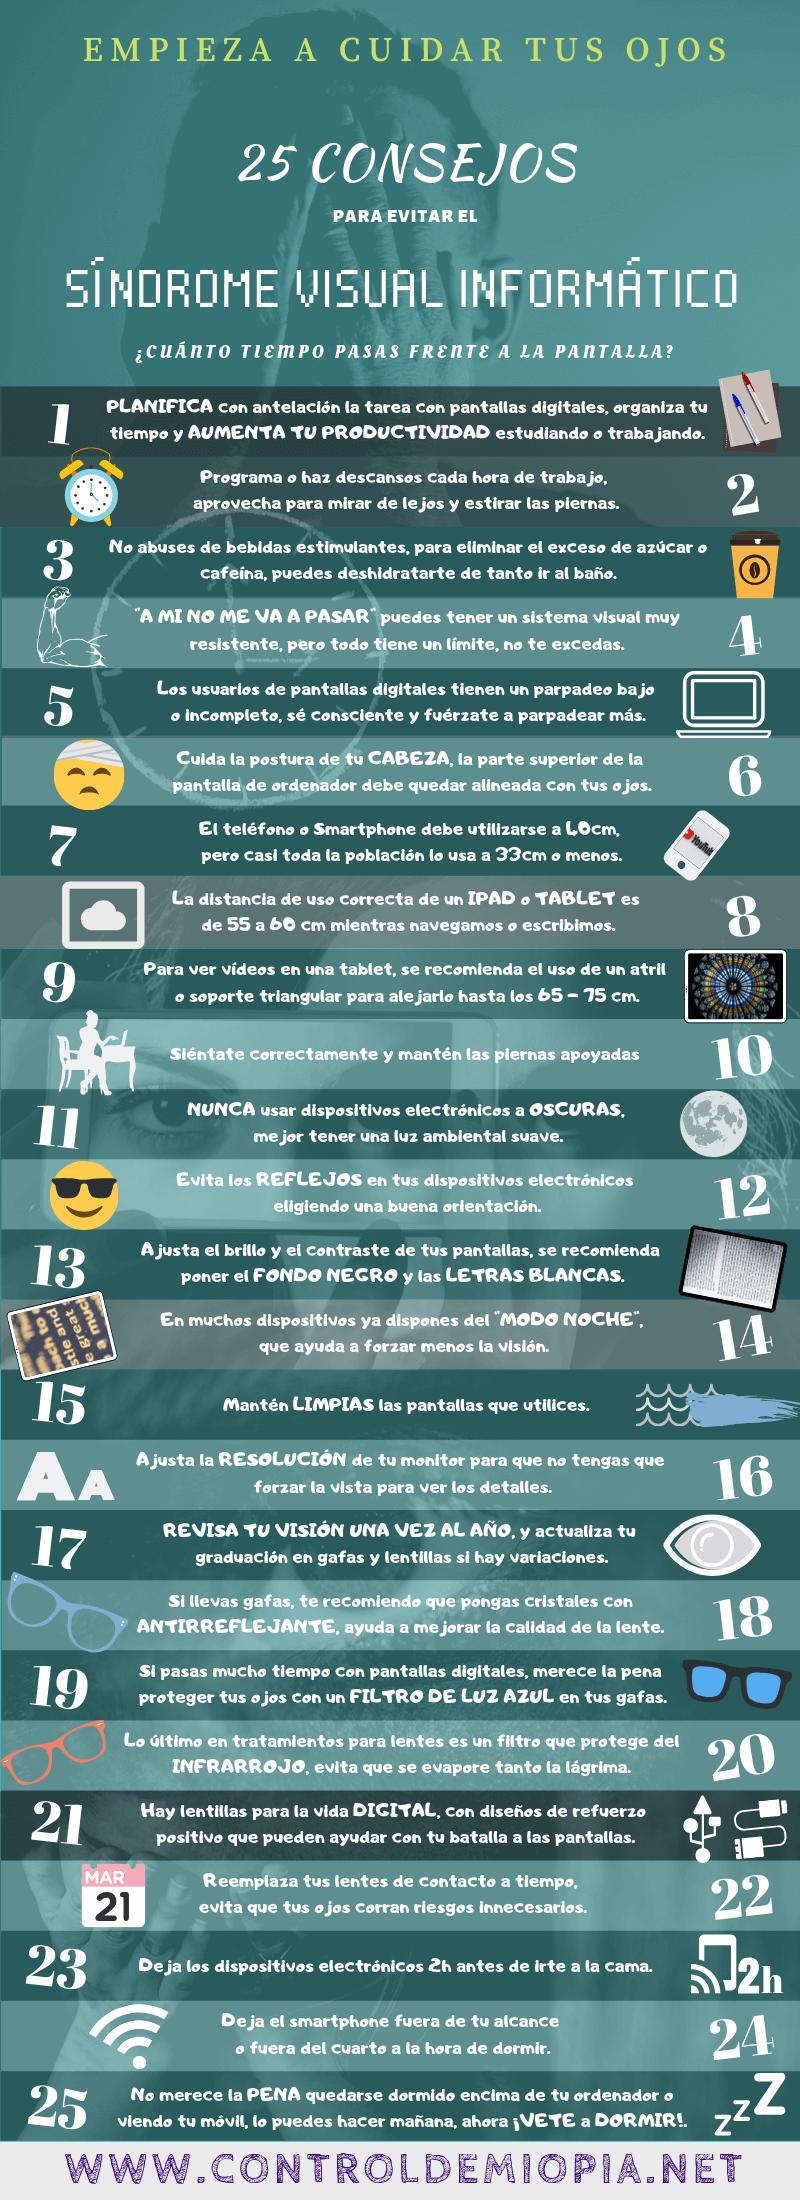 25 consejos para evitar el síndrome visual informático (SVI) 1